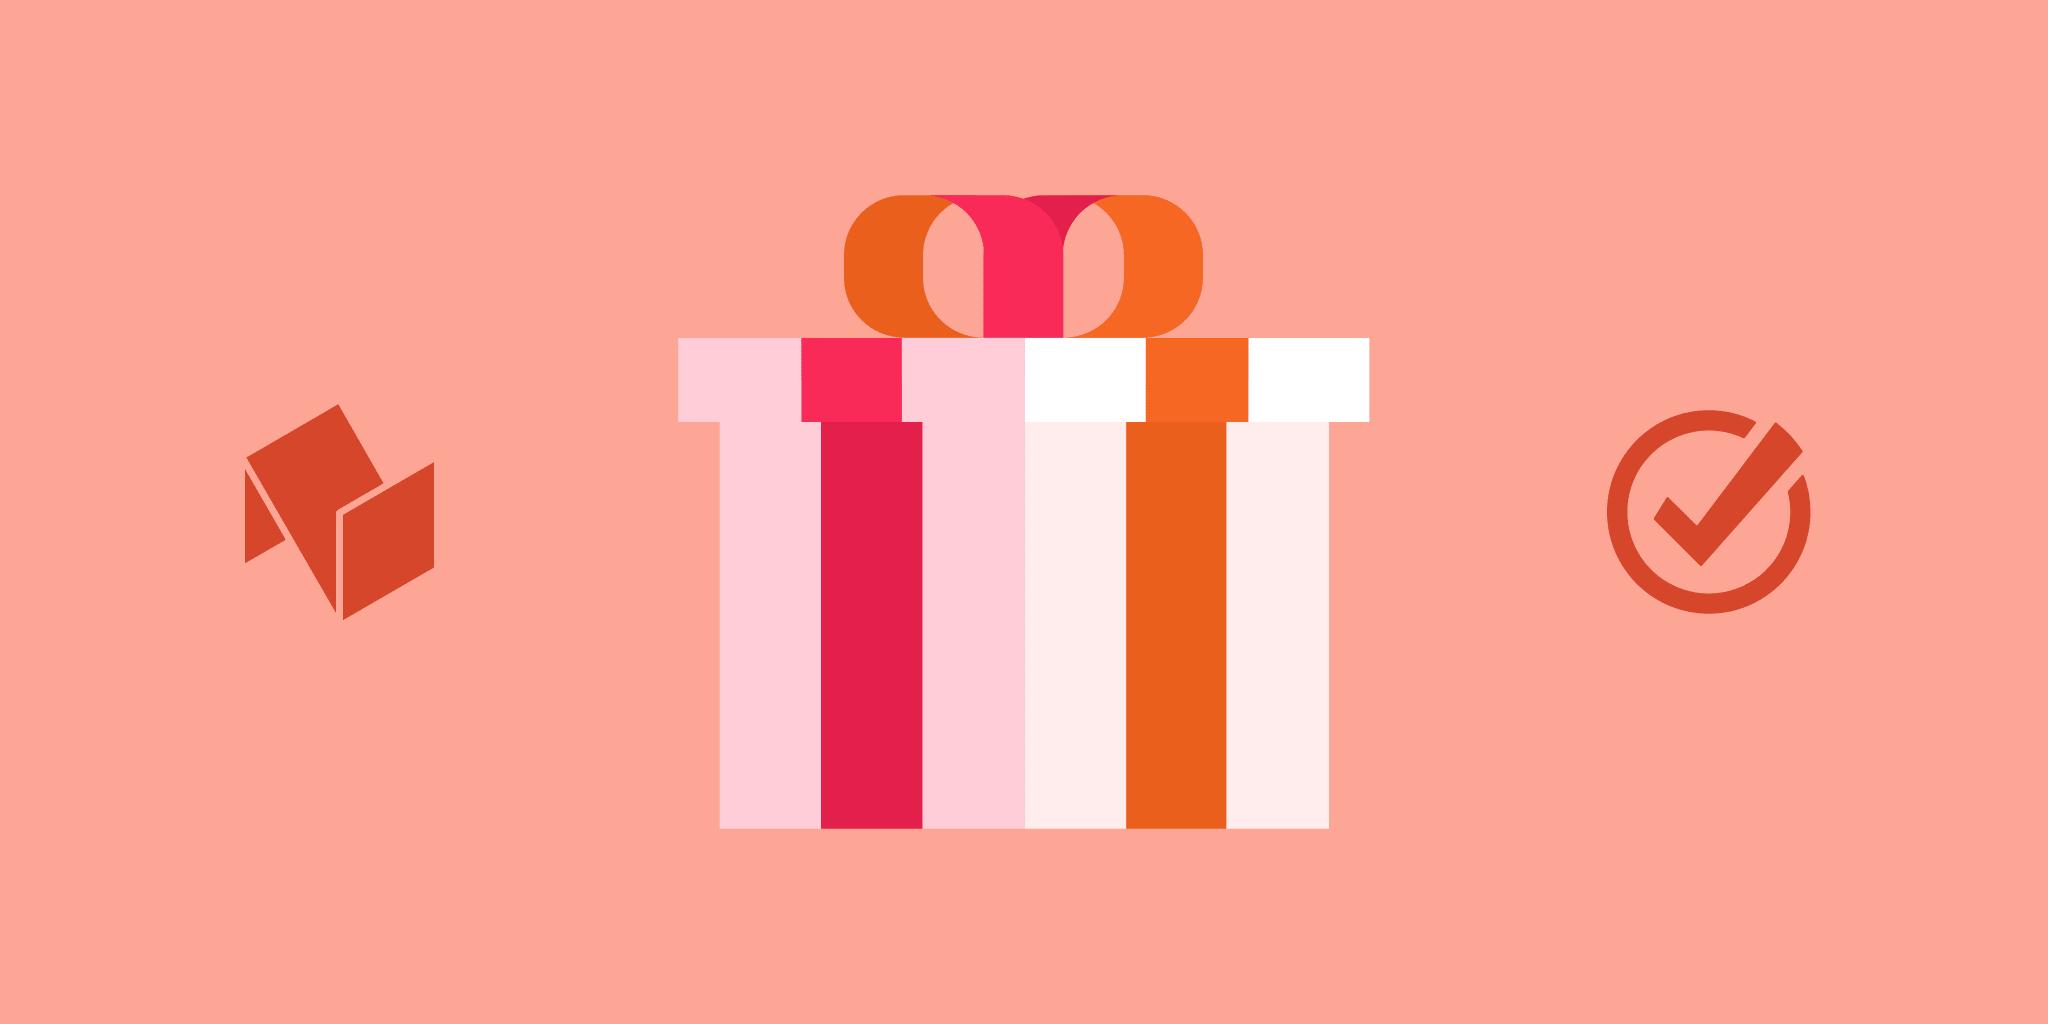 Firma Nozbe - wydawca 2 aplikacji do zarządzania projektami i zadaniami: Nozbe Personal i Nozbe Teams, świętuje dziś 14. urodziny!